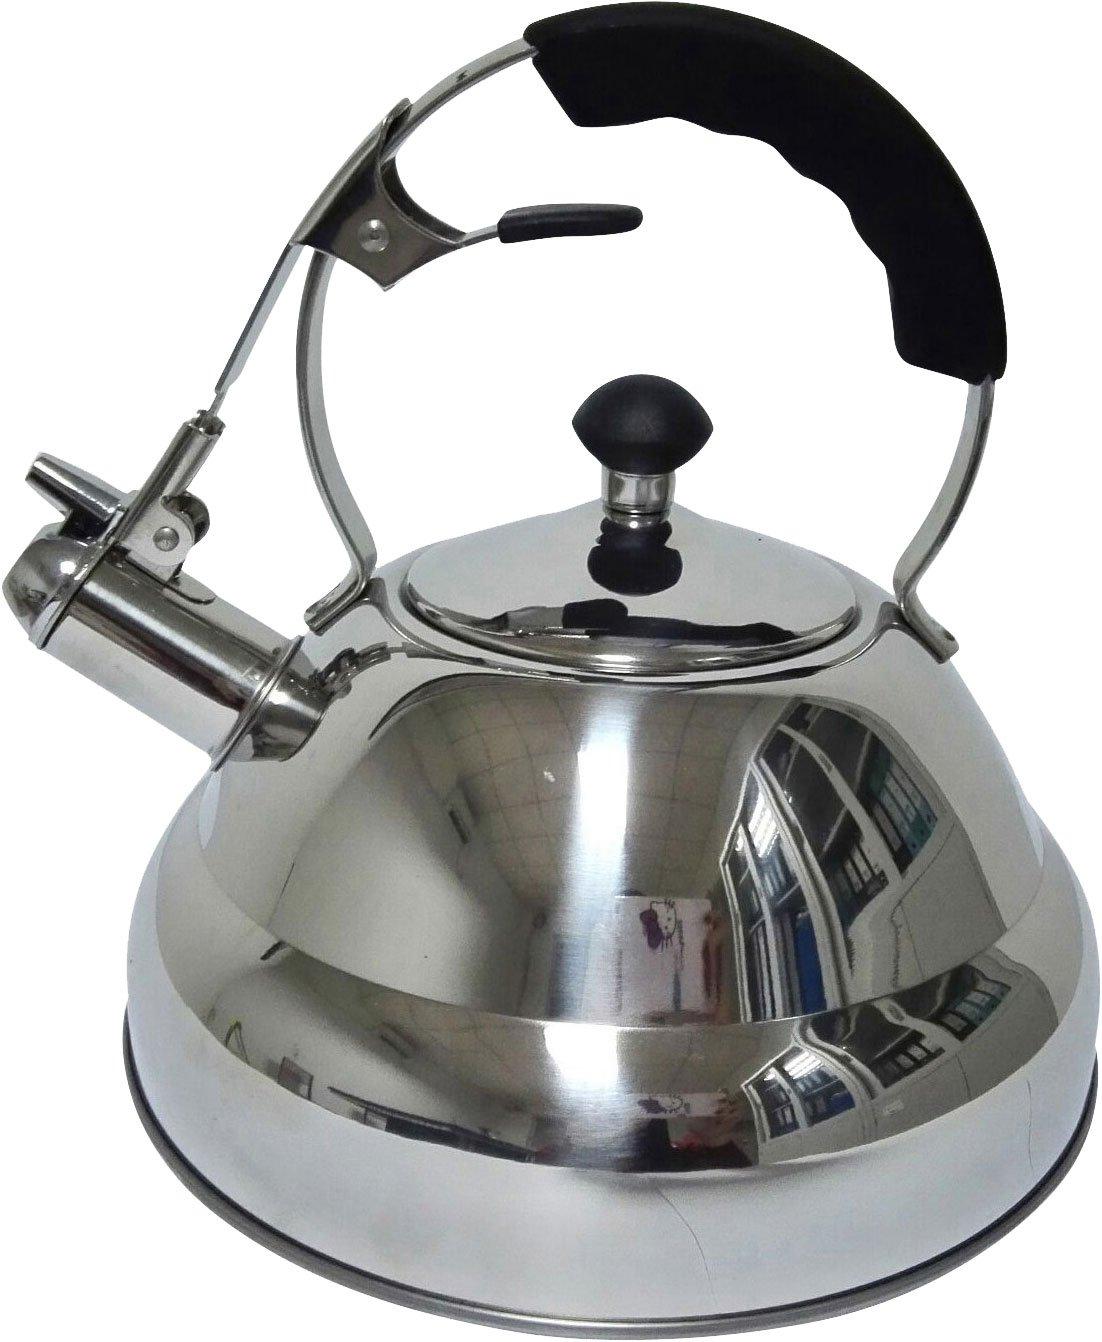 Vescoware Premium Whistling Tea Kettle